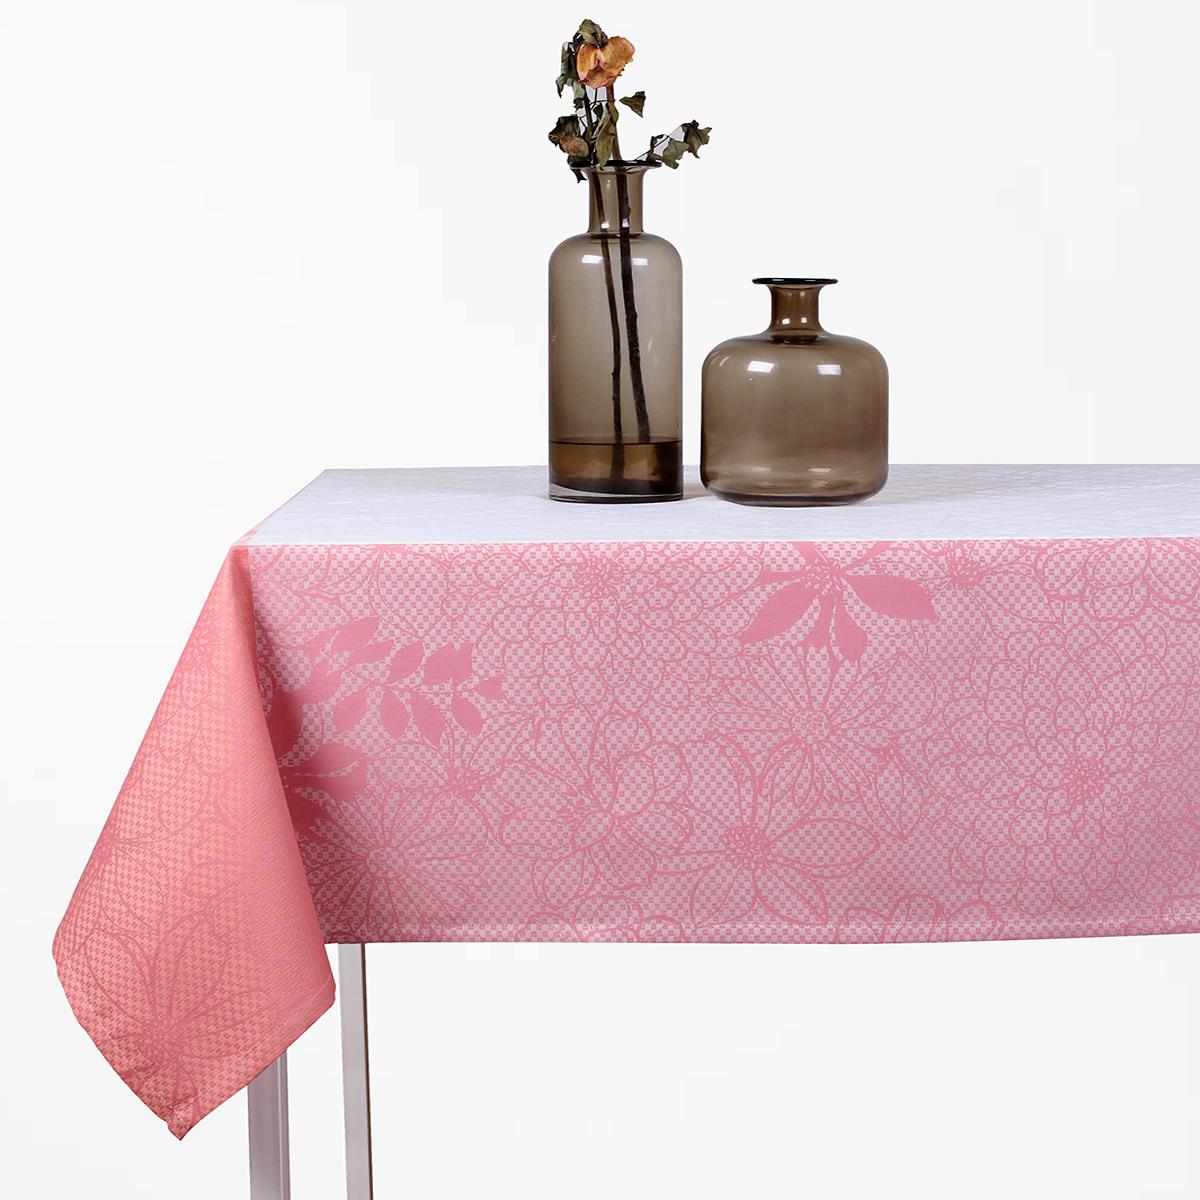 Купить Скатерти и салфетки Arya, Скатерть Micco (160х320 см), Турция, Жаккард